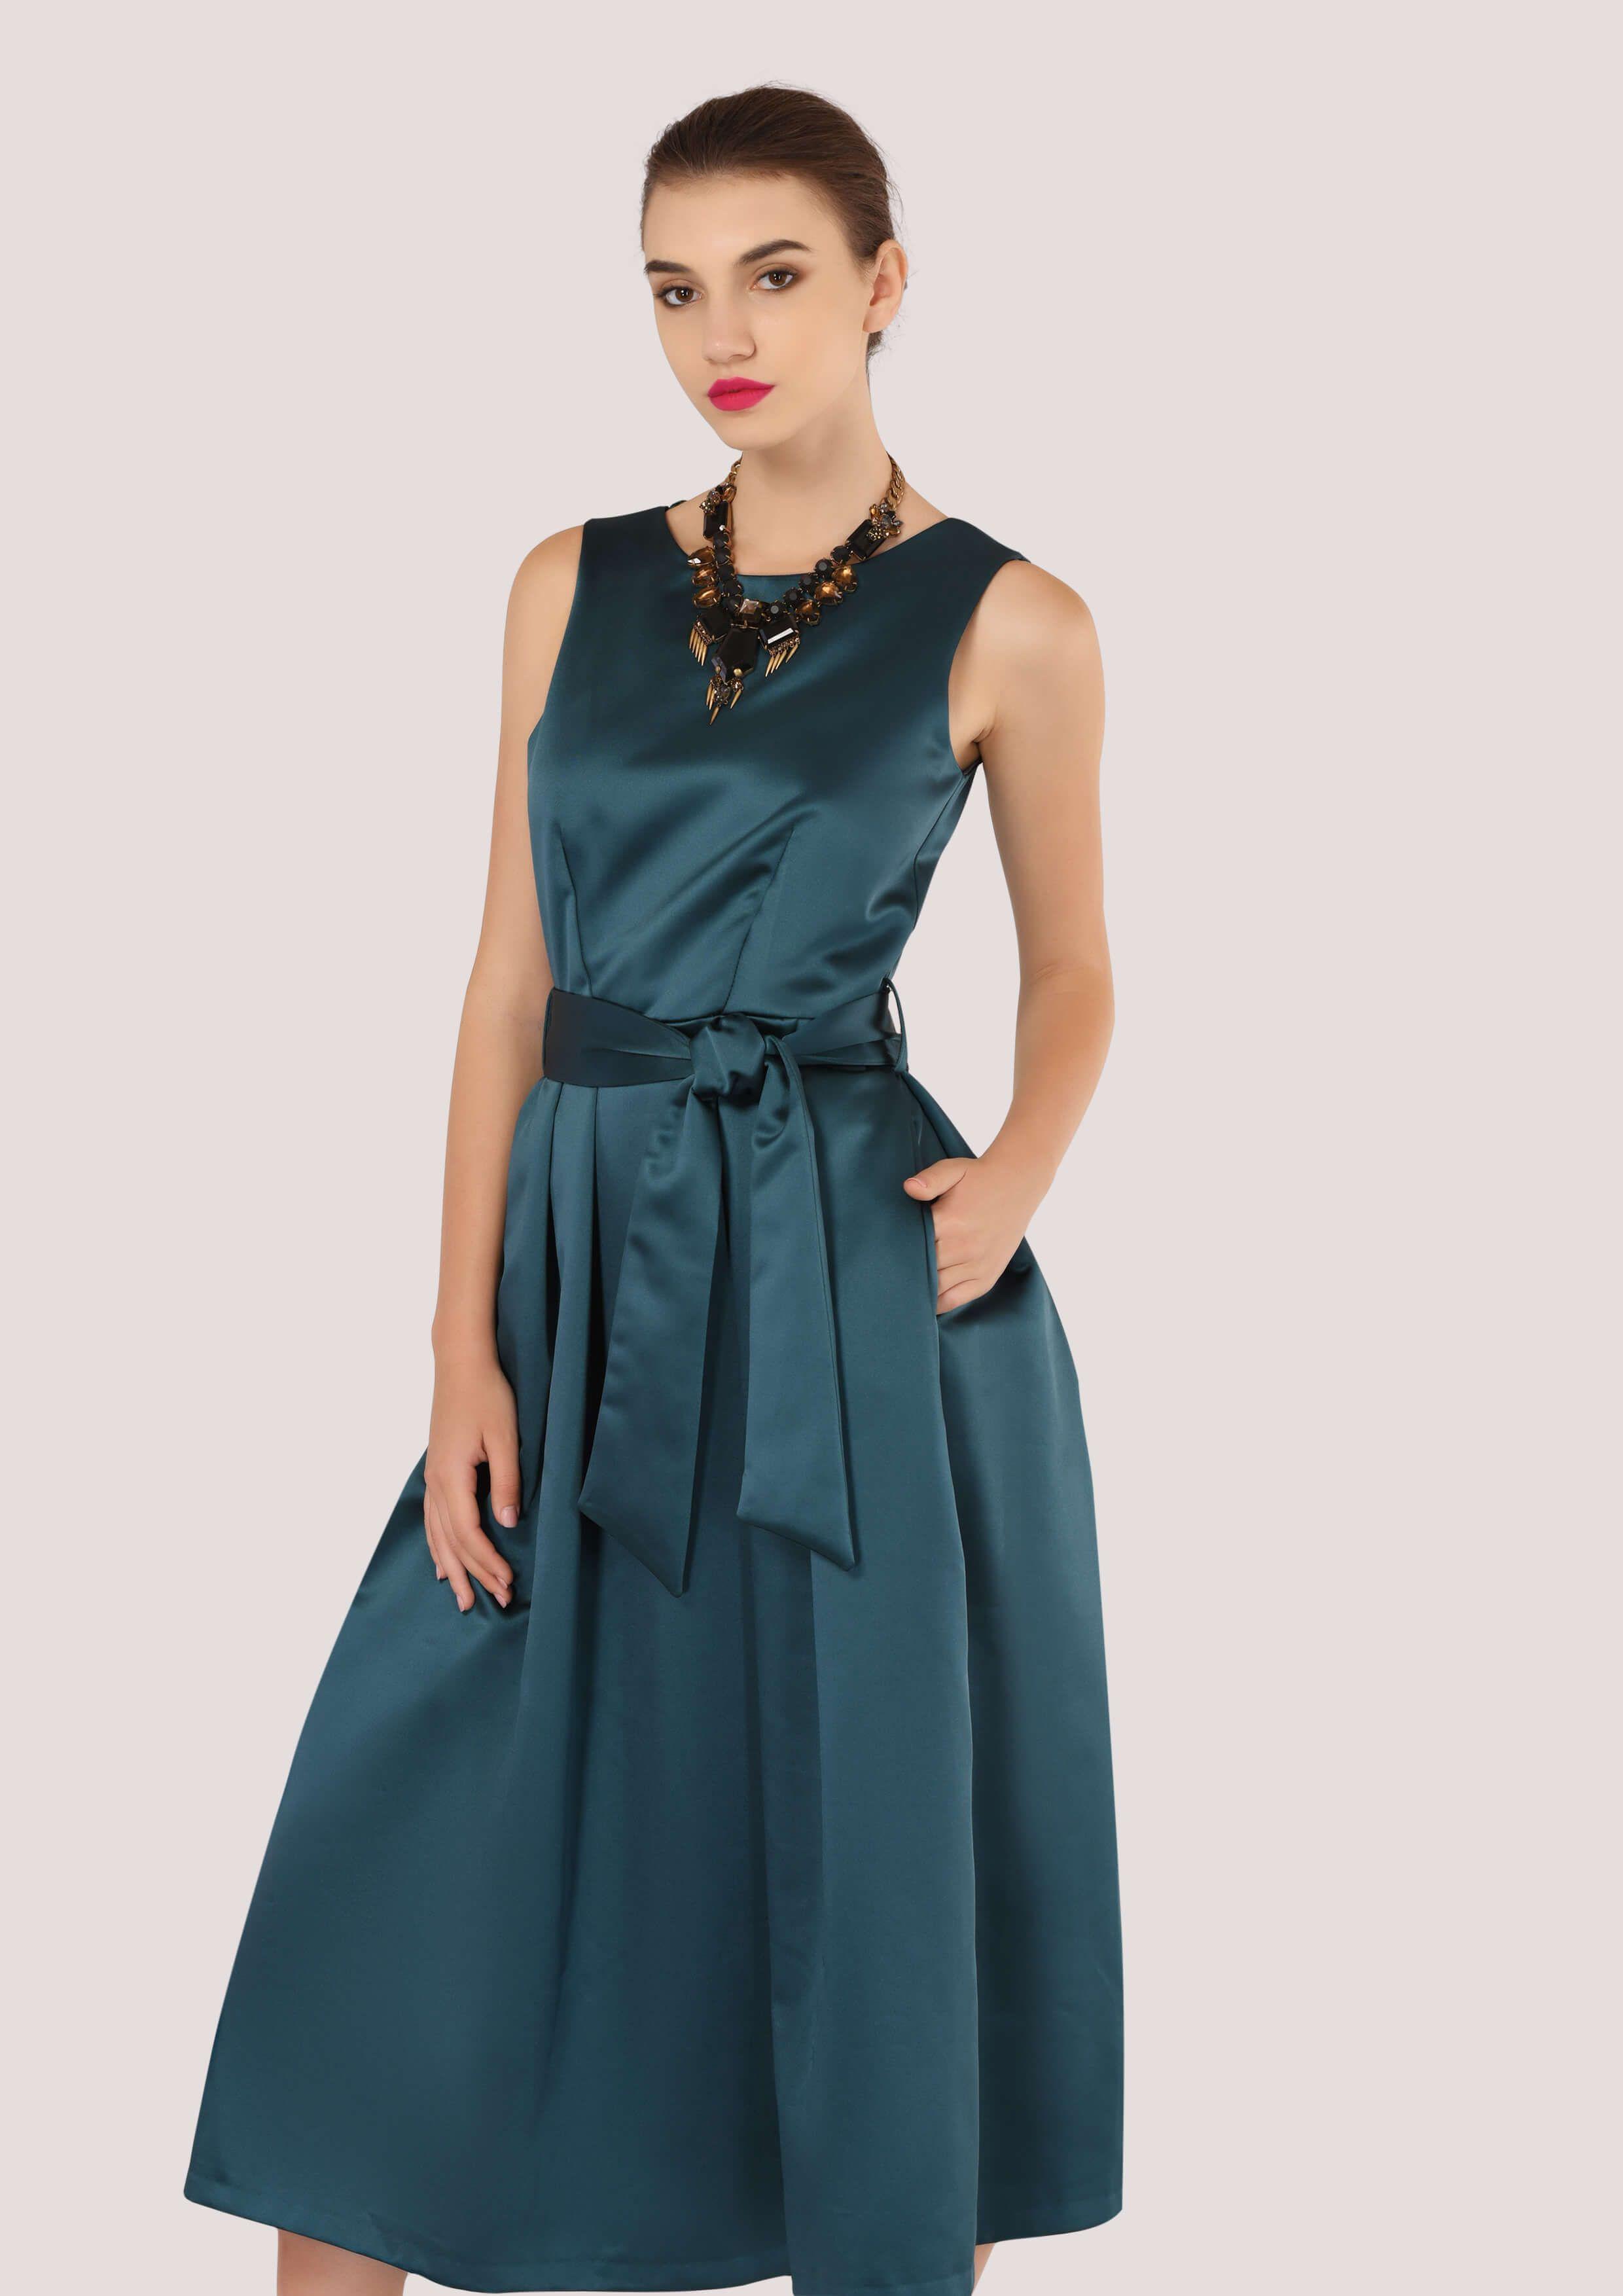 Inspiration: Fashion selena gomez birthday